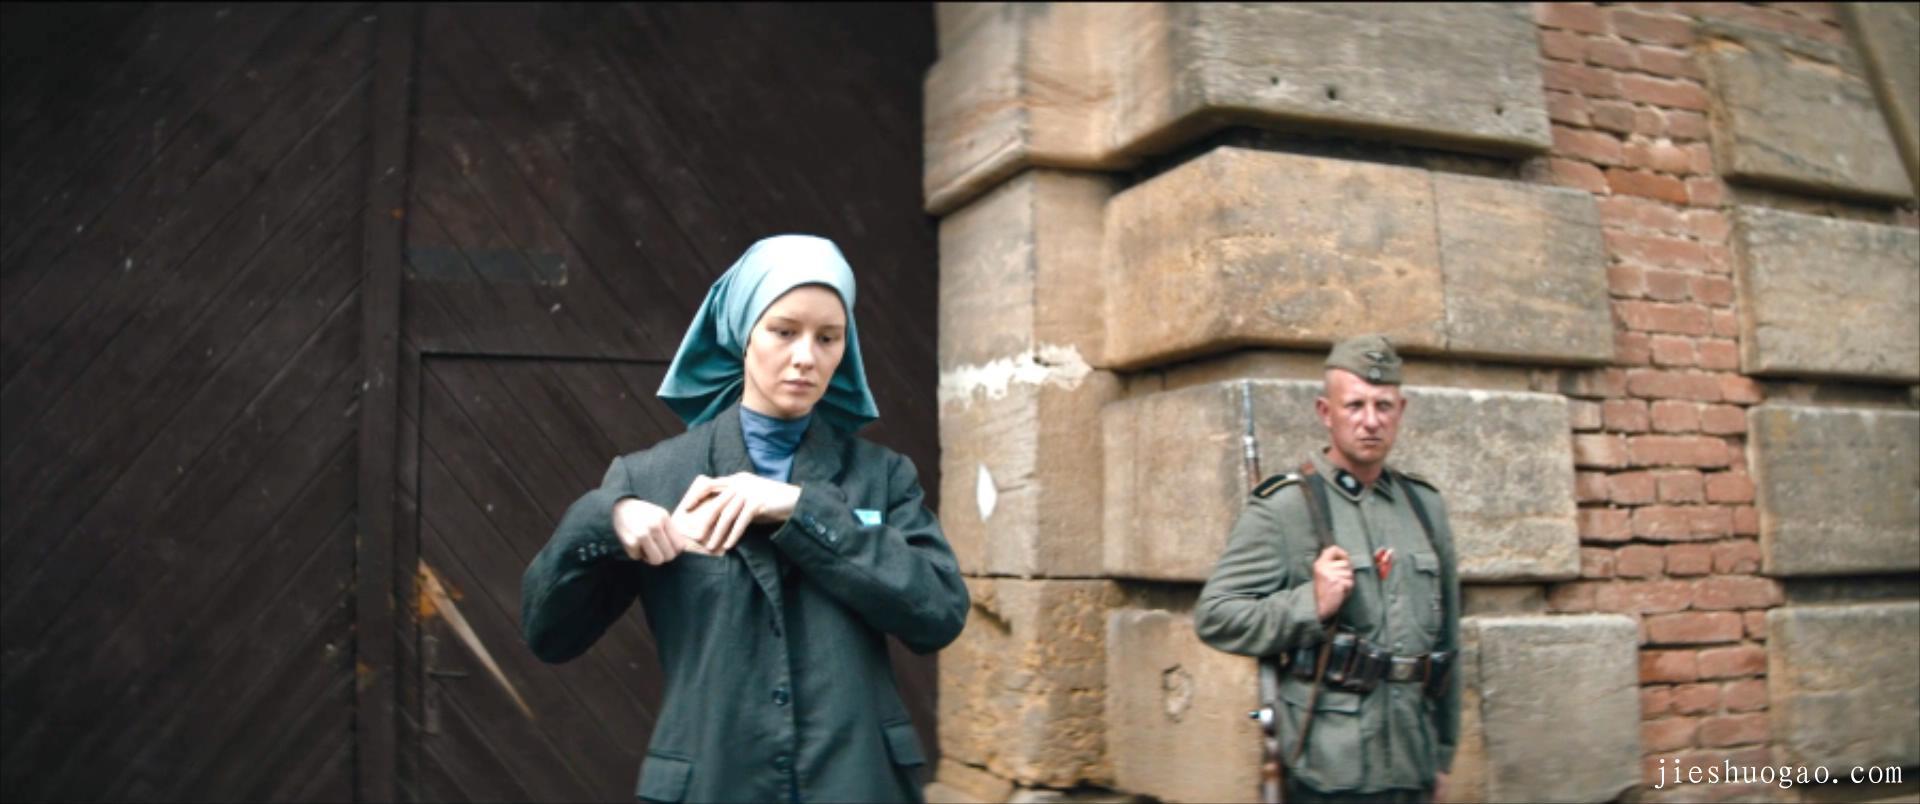 俄罗斯抗战神剧 《猎杀T34》7分钟2496字解说稿-第5张图片